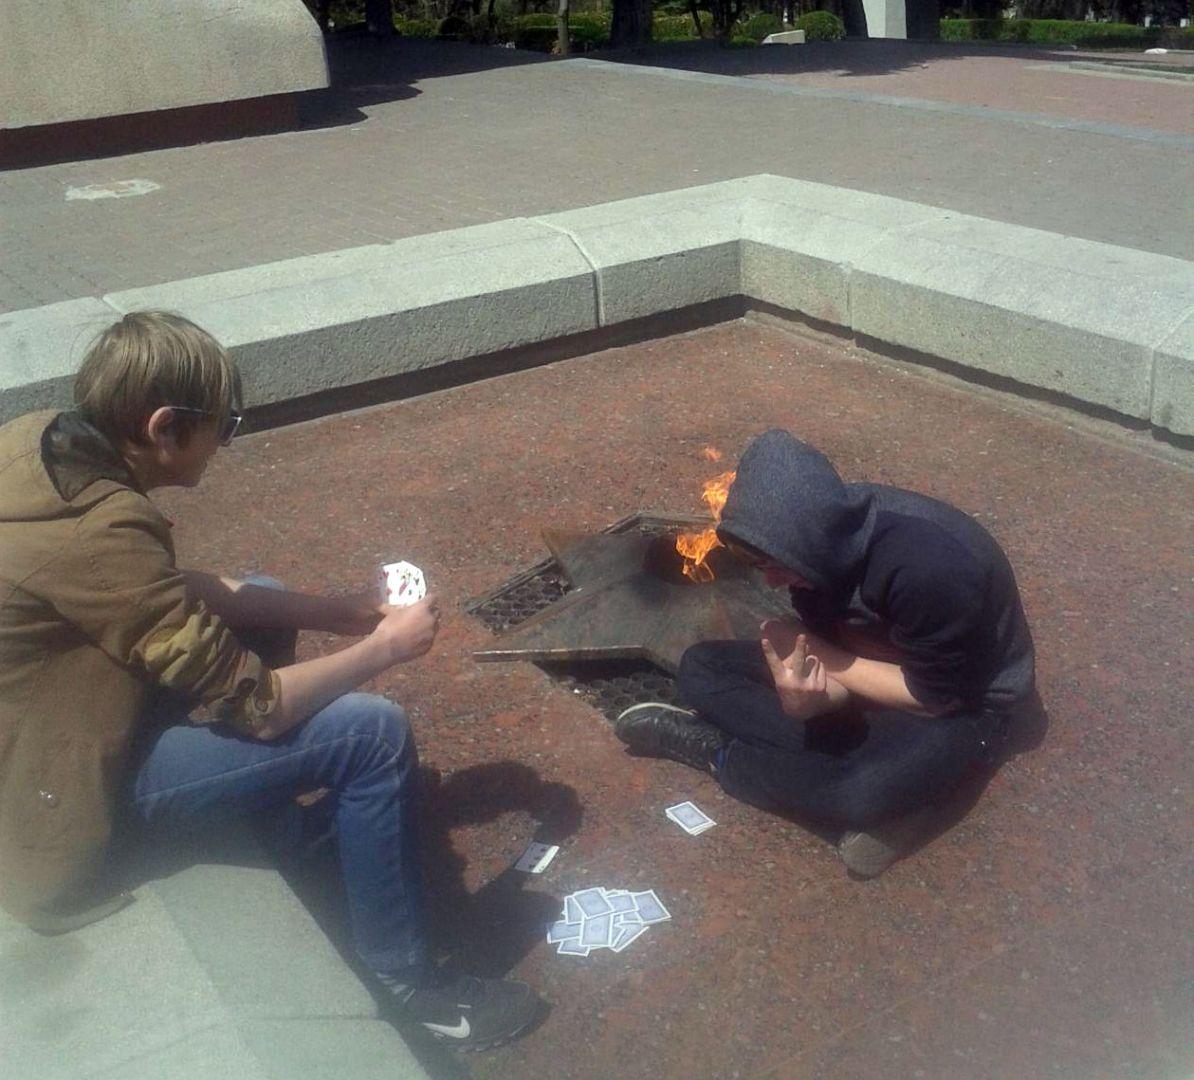 ВКисловодске подростки развлекались игрой вкарты намемориале